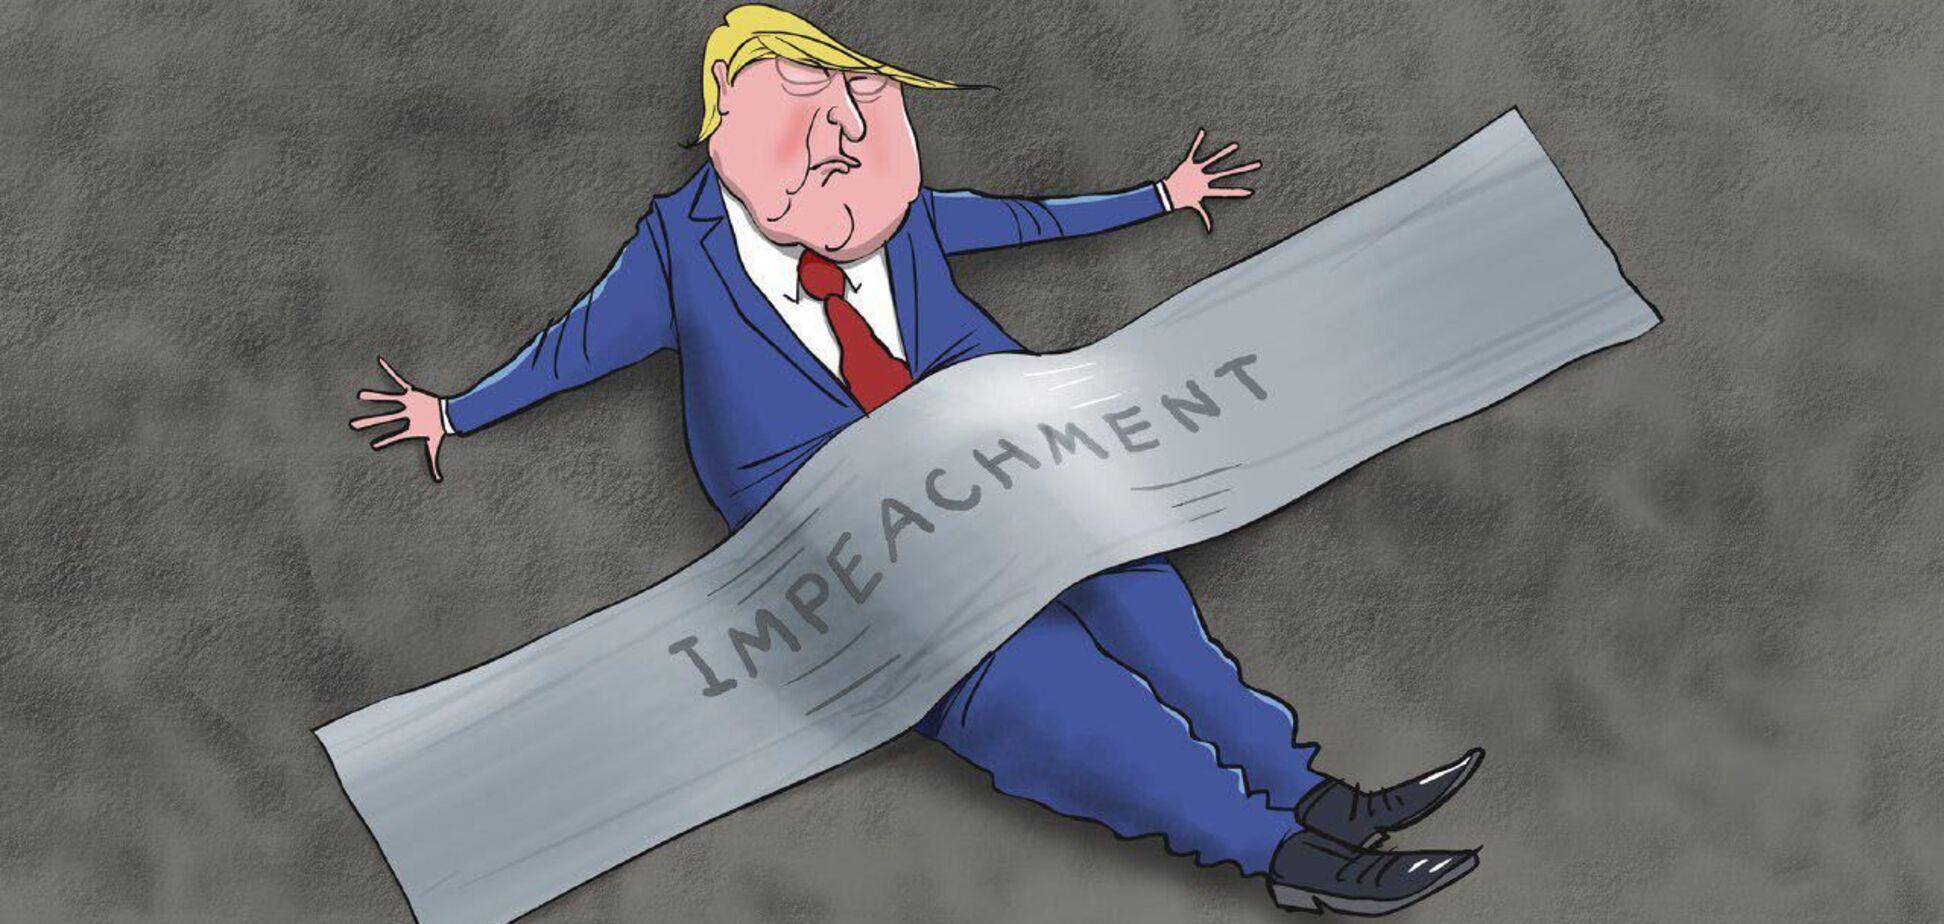 Безумства безкінечного 2020-го: блокування Трампа і 'похорони демократії' на росТБ